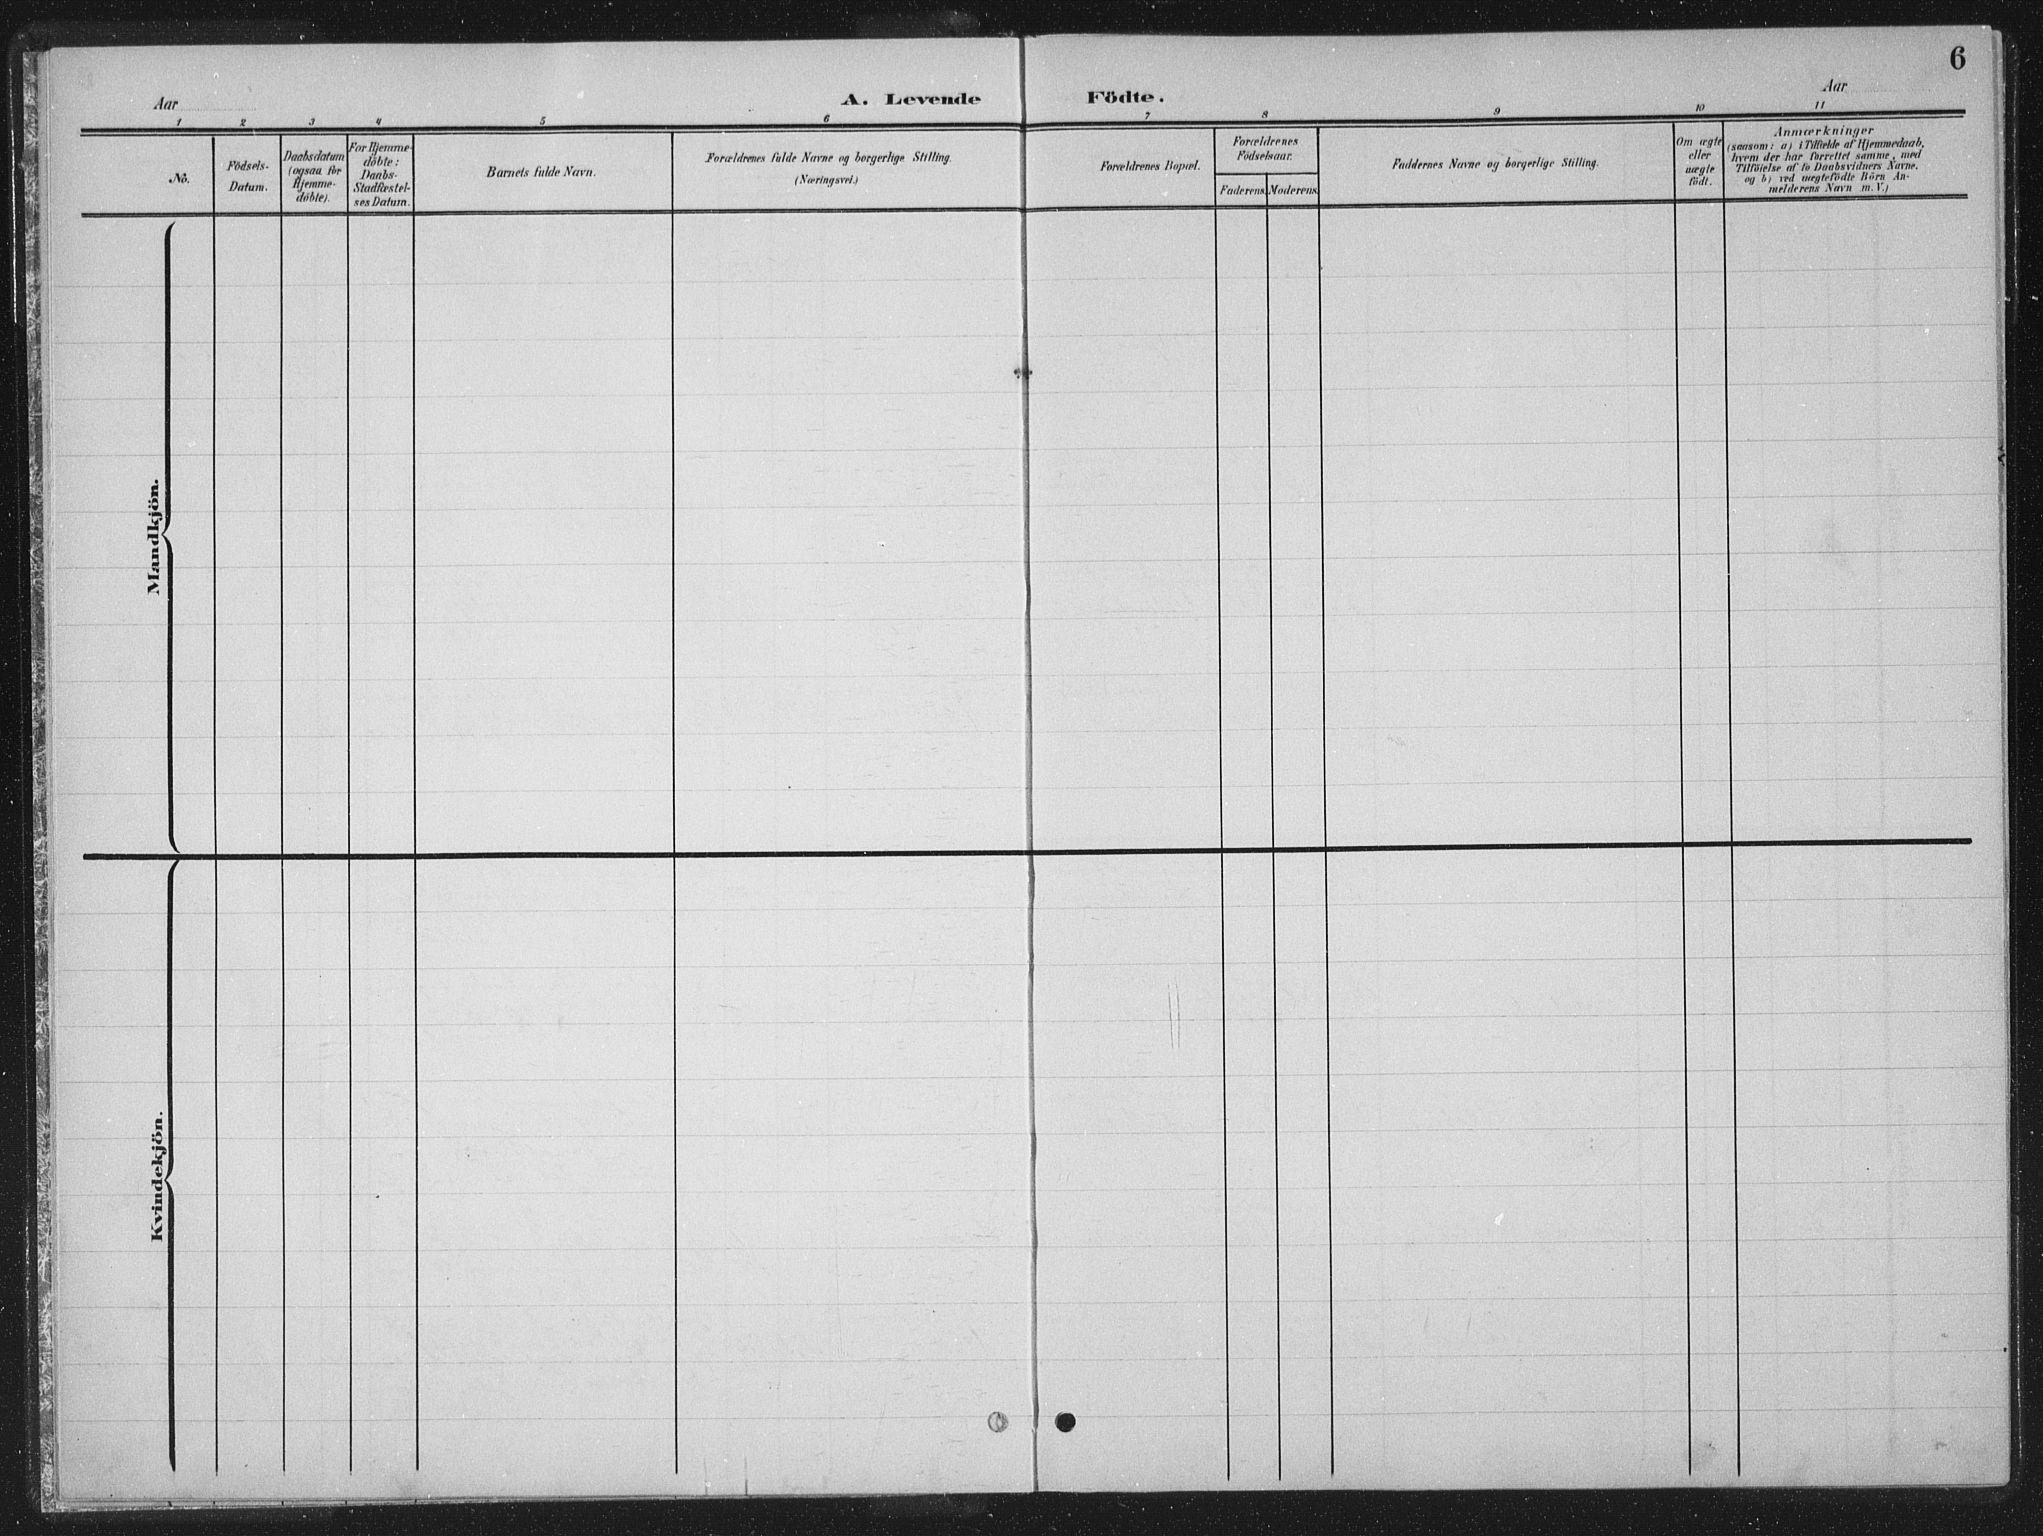 SAT, Ministerialprotokoller, klokkerbøker og fødselsregistre - Nord-Trøndelag, 770/L0591: Klokkerbok nr. 770C02, 1902-1940, s. 6